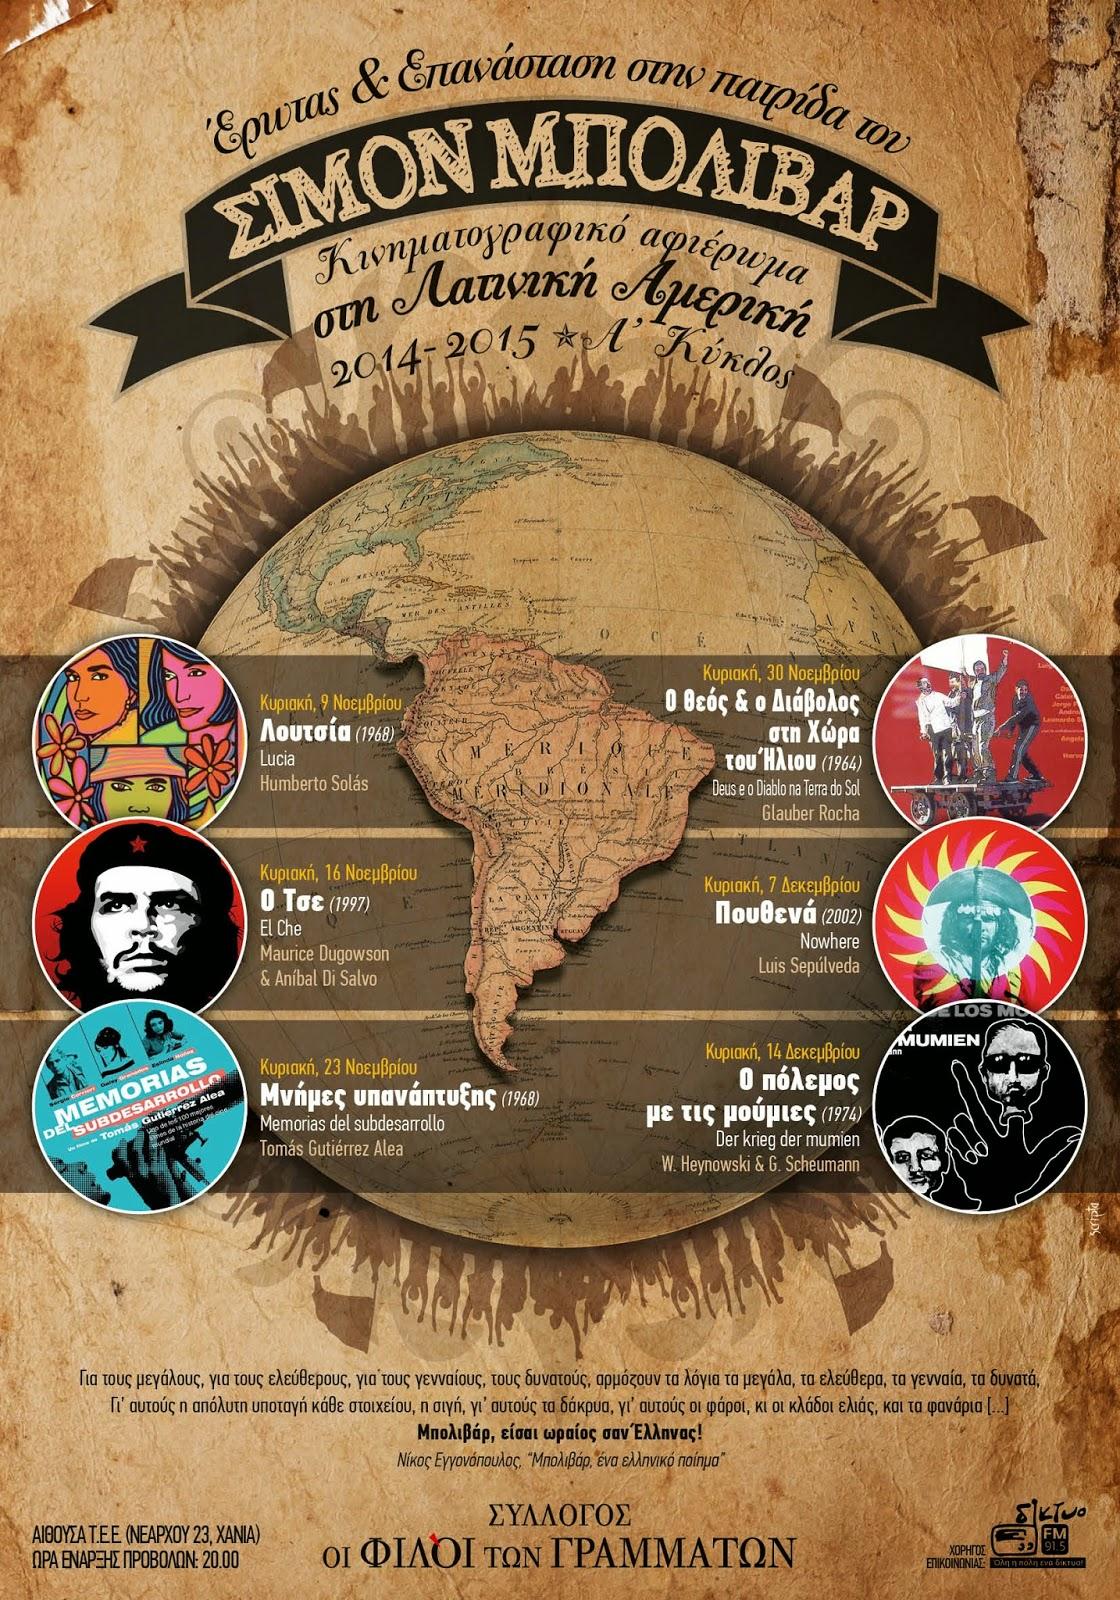 'Ερωτας και επανάσταση στην πατρίδα του Σιμόν Μπολιβάρ 1